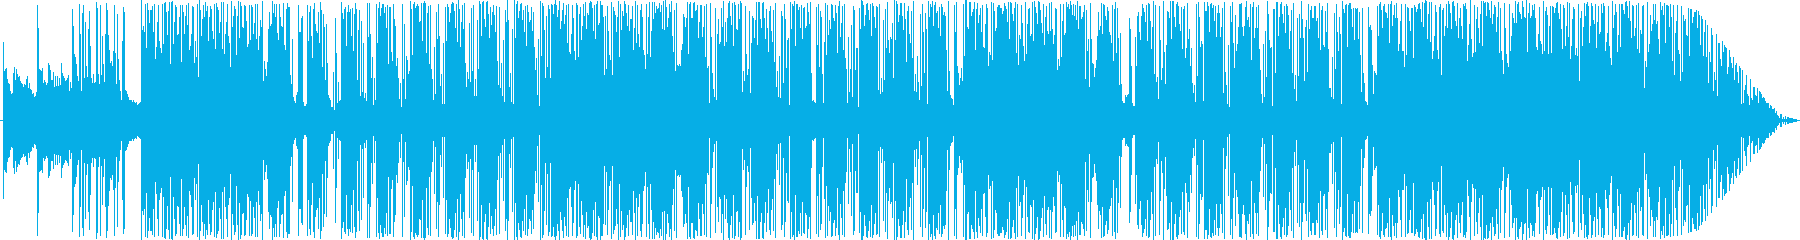 哀愁感のあるピアノ・アコギに強めのビートの再生済みの波形